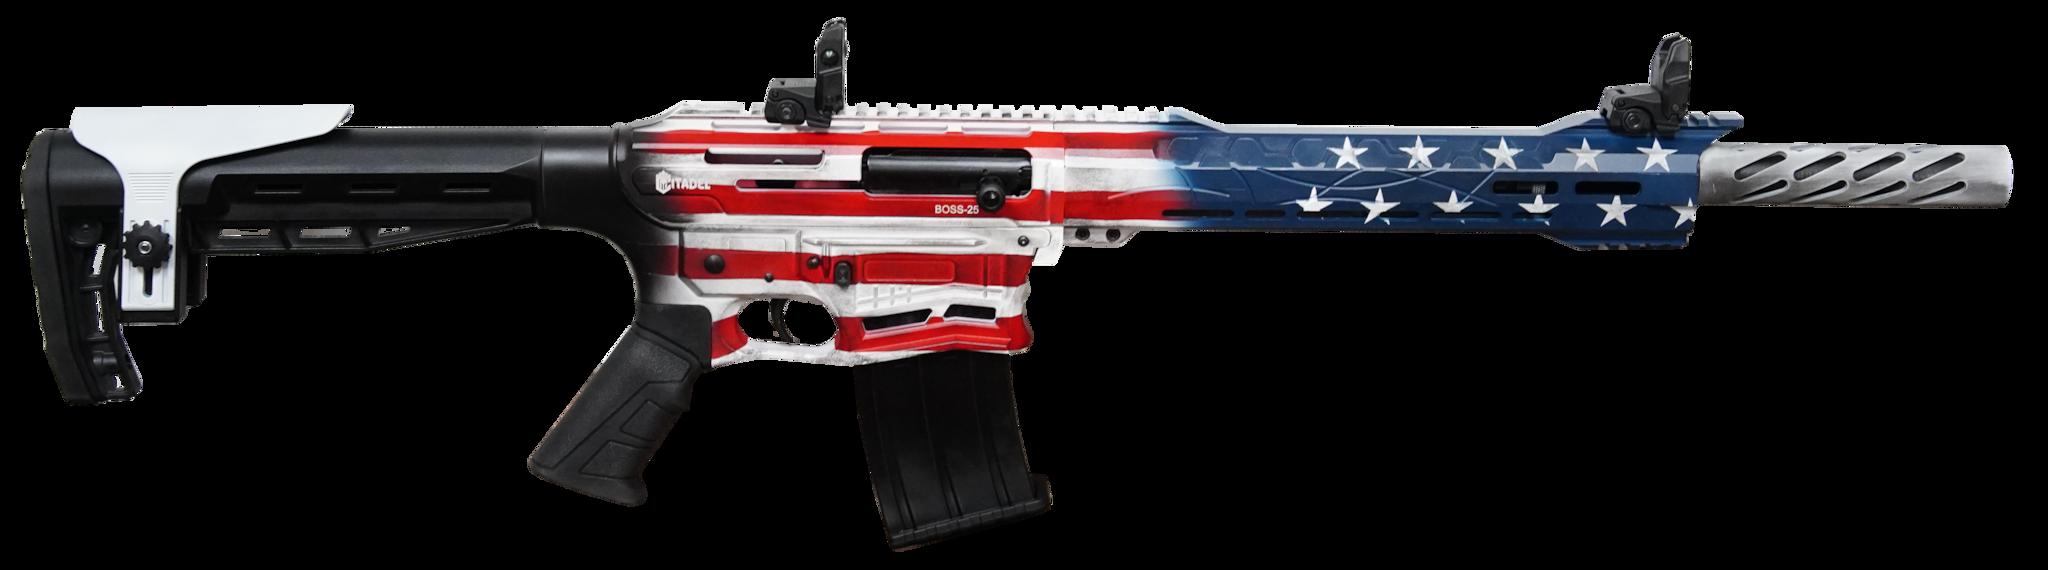 CITADEL BOSS-25 SEMI-AUTO 12GA AR-STYLE SHOTGUN -  BOSS-25